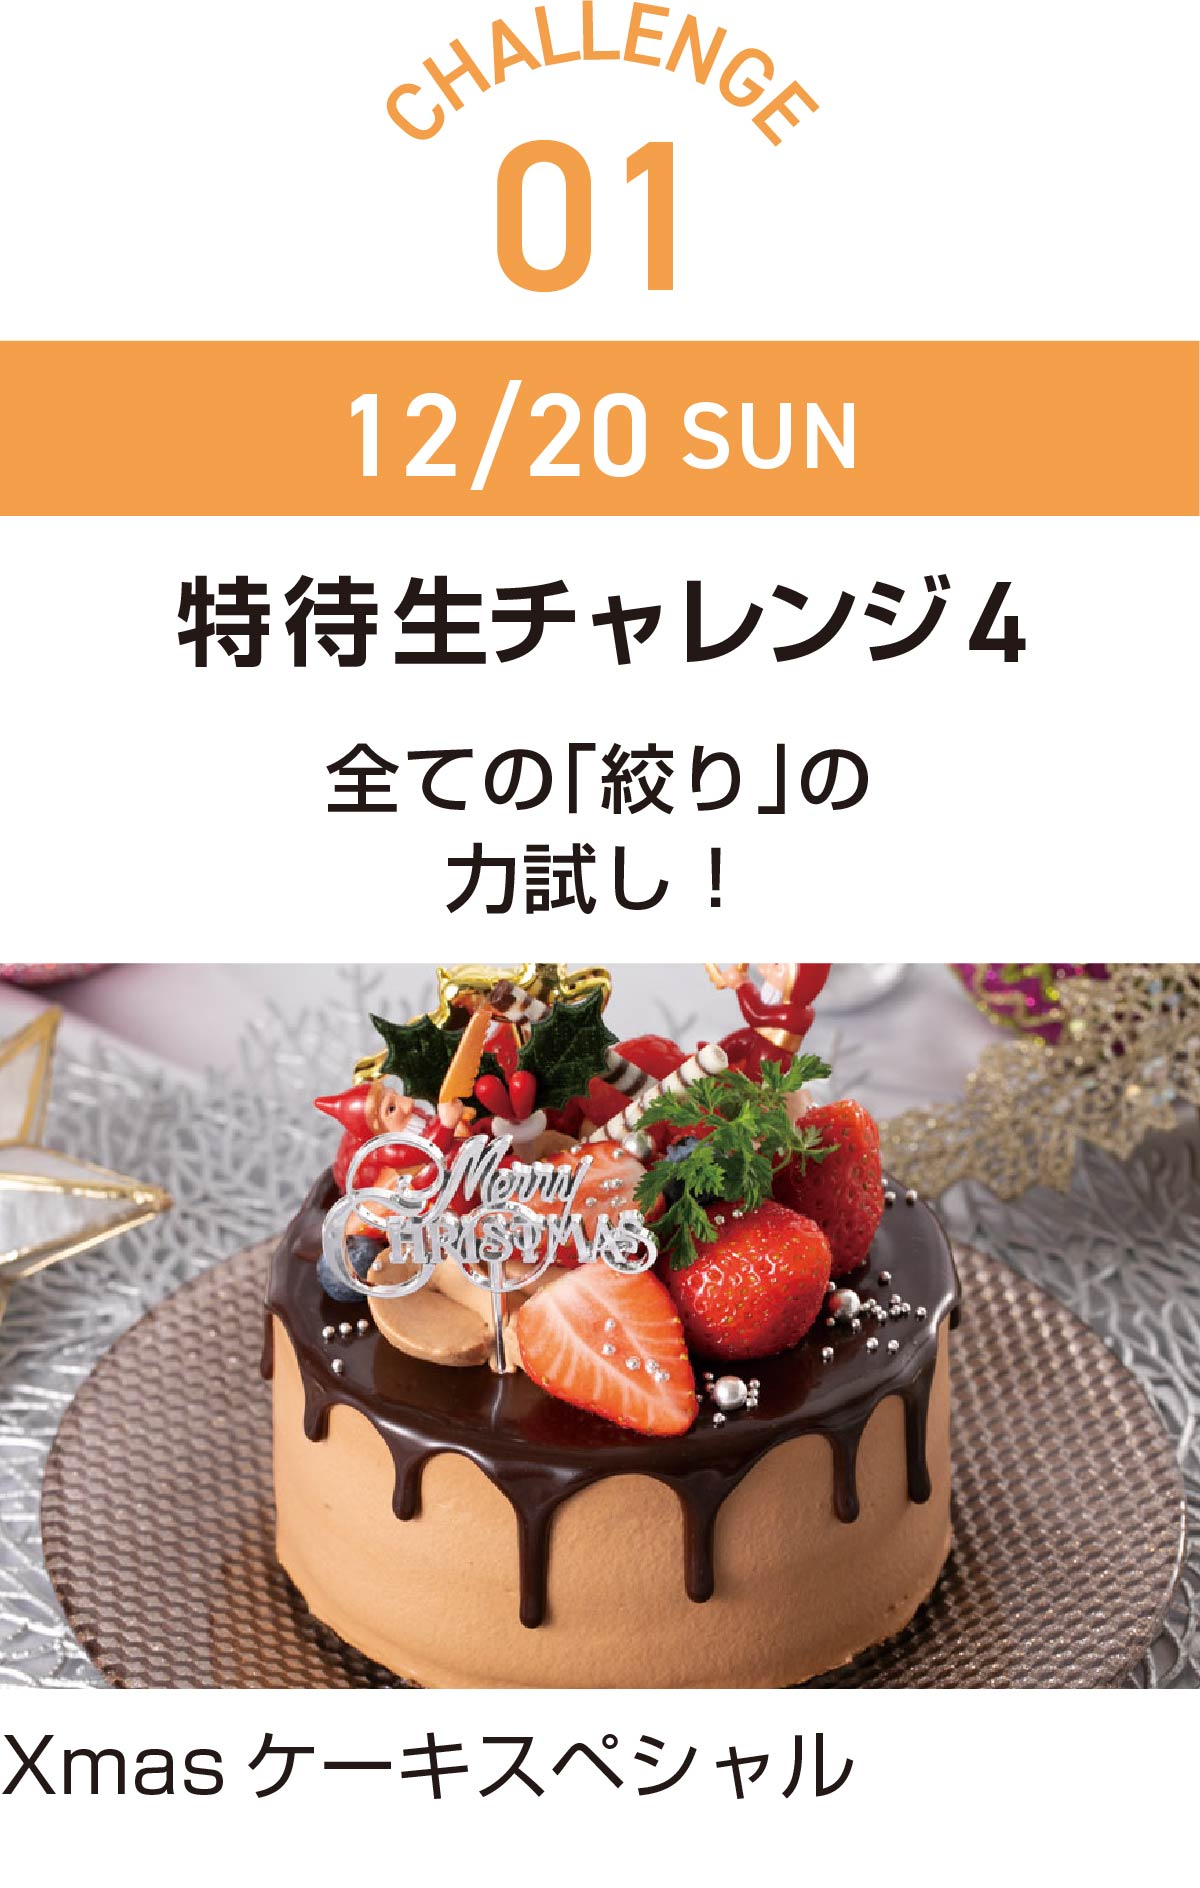 12/20 SUN